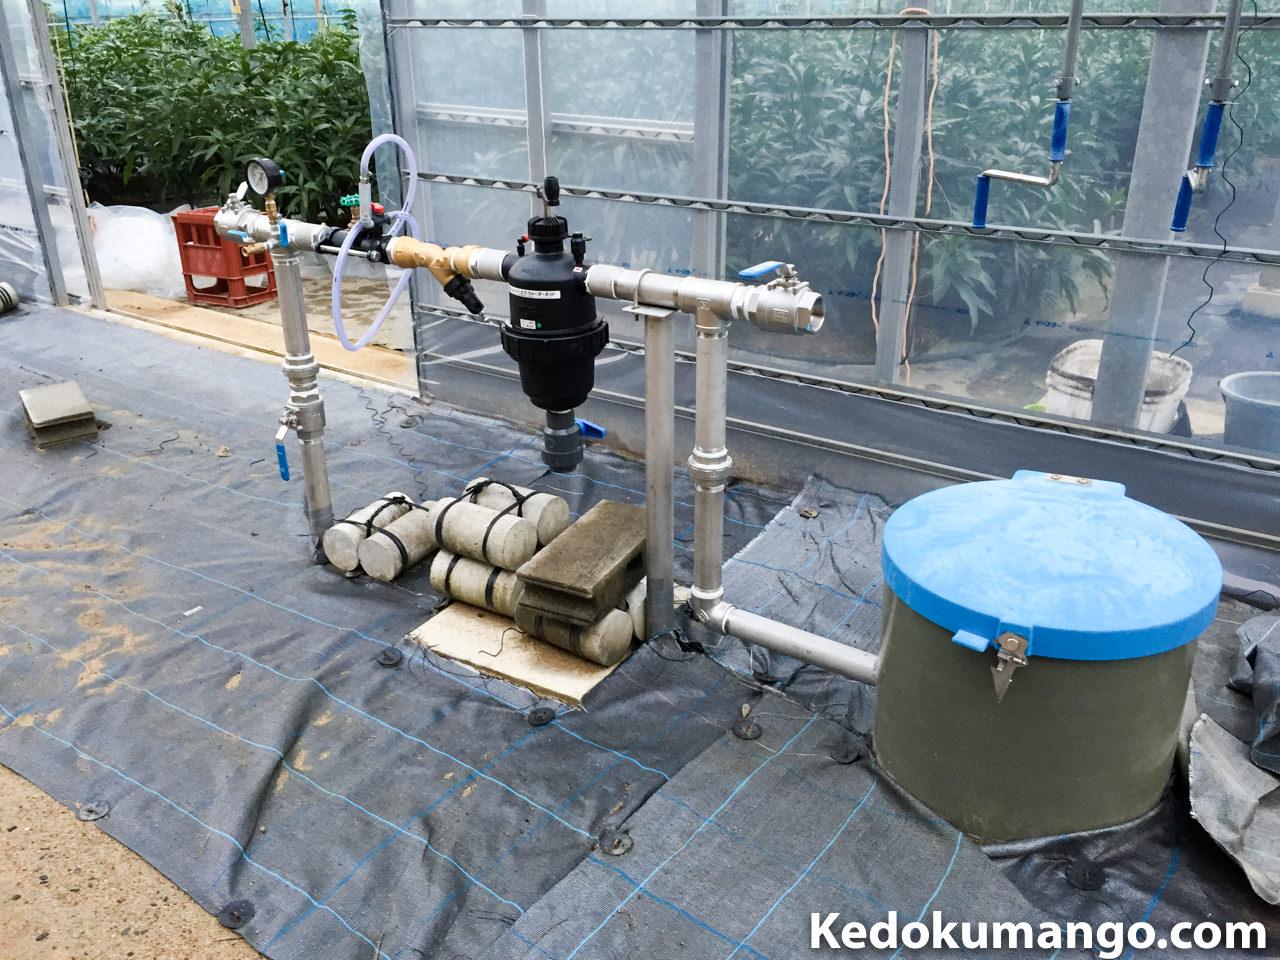 設置された散水設備